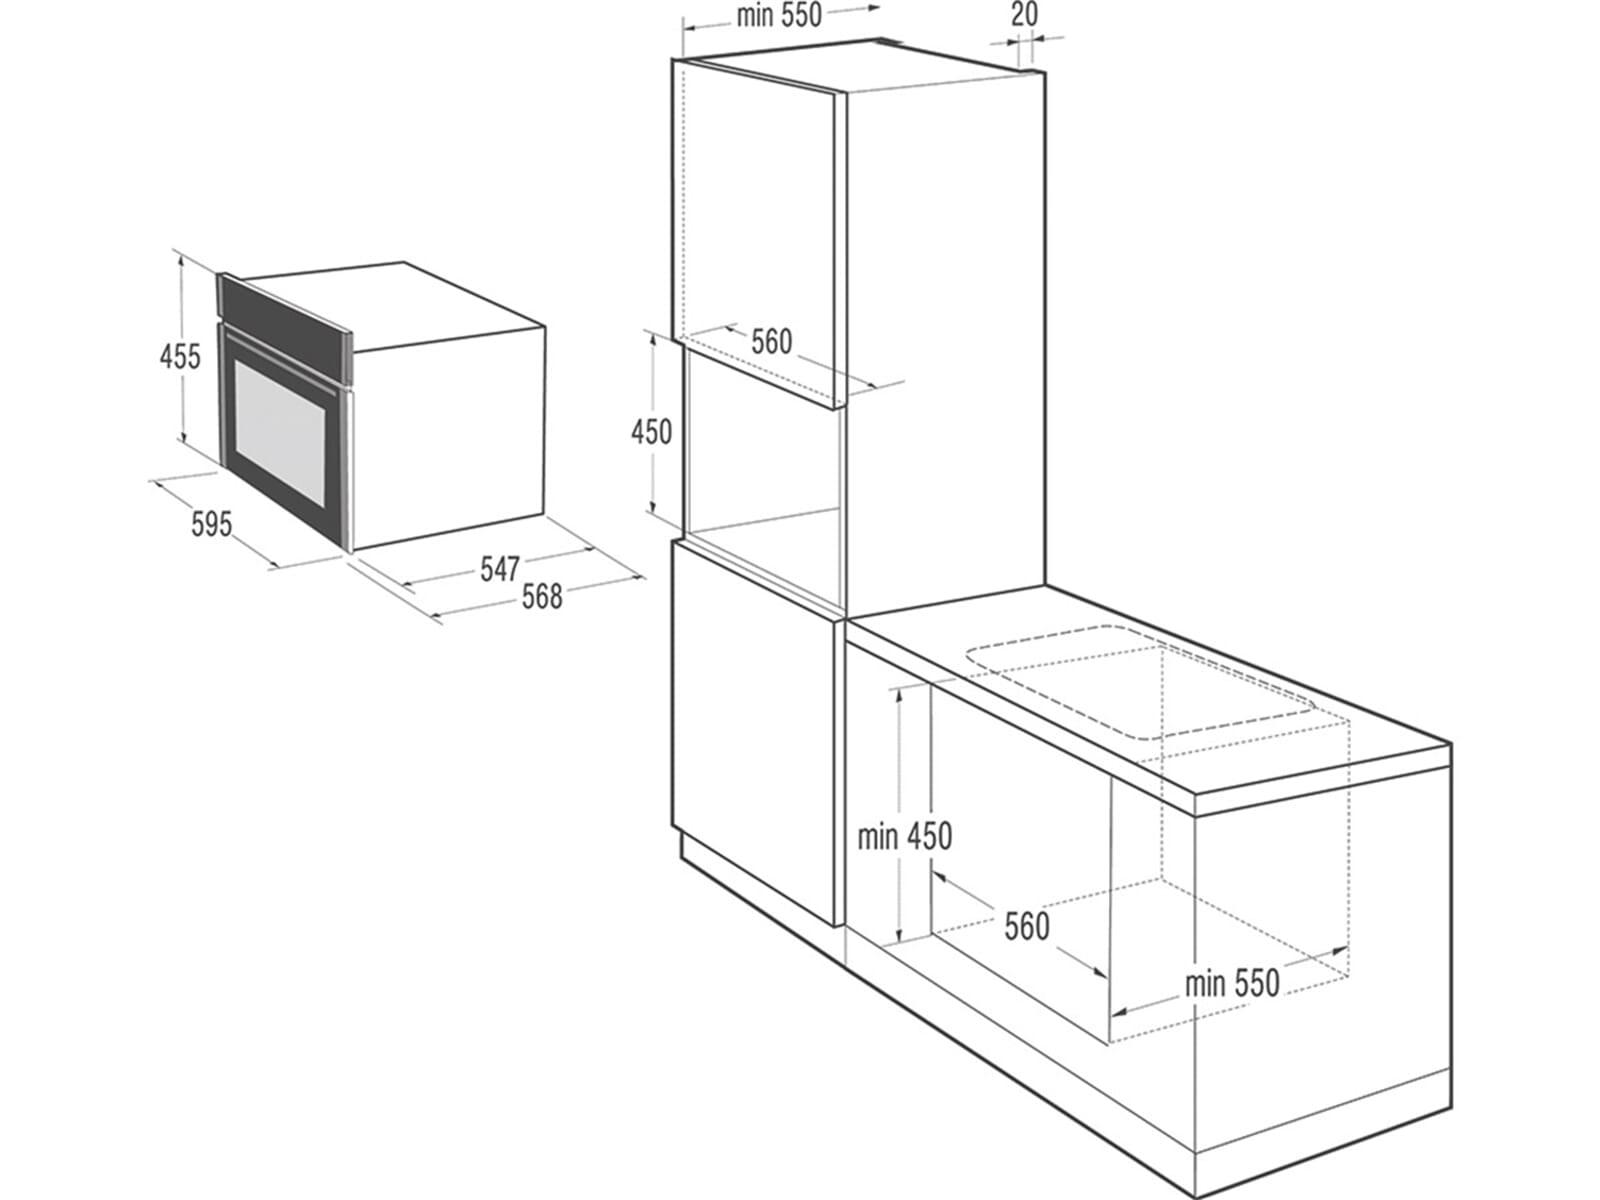 gorenje bcm 547 s12x kompakt backofen mit mikrowelle edelstahl ebay. Black Bedroom Furniture Sets. Home Design Ideas